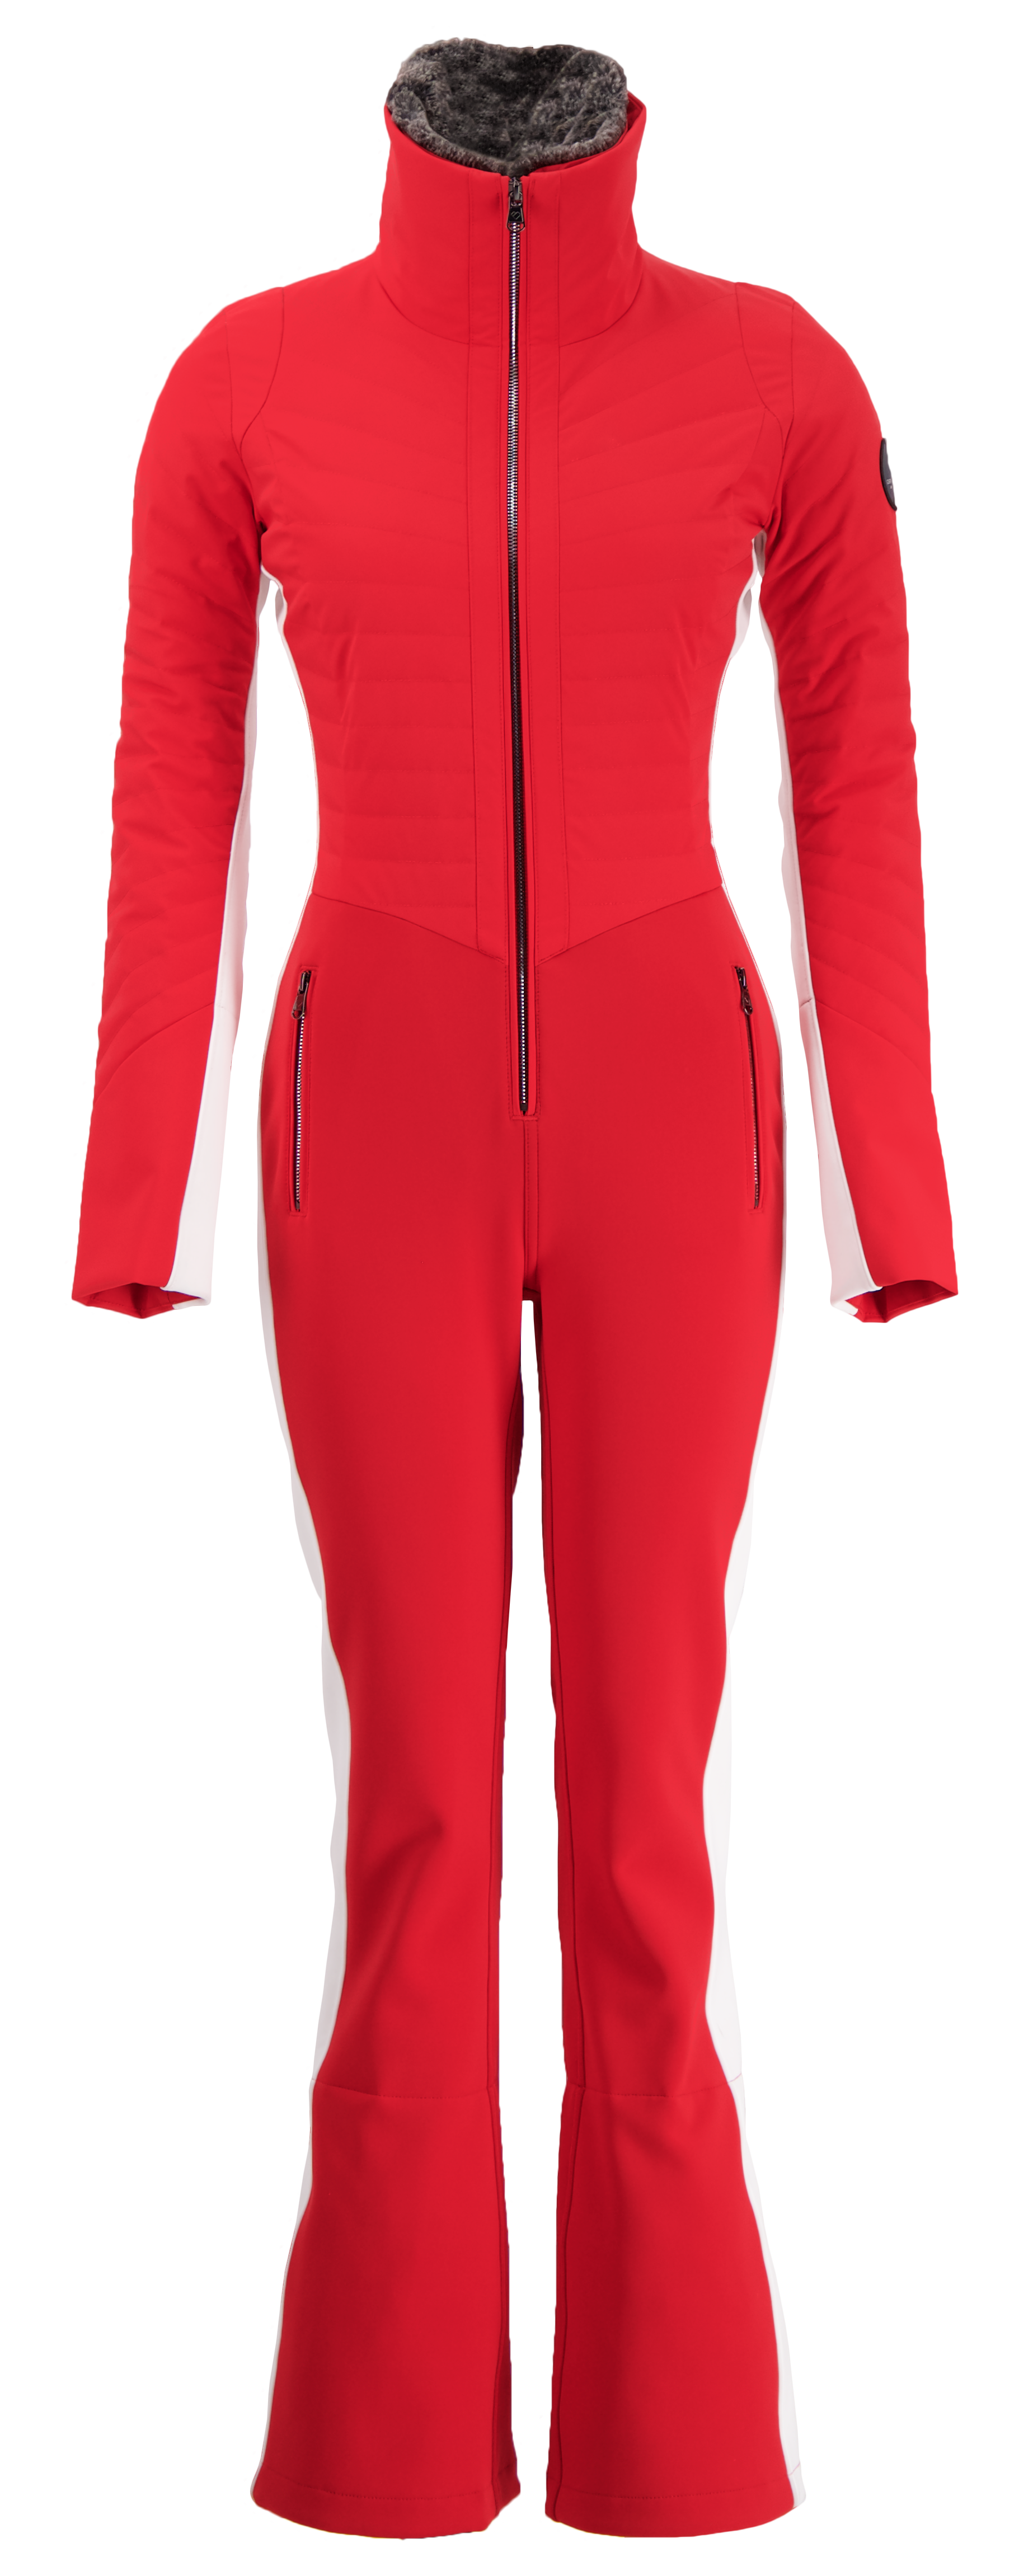 U.S. Ski Team logo